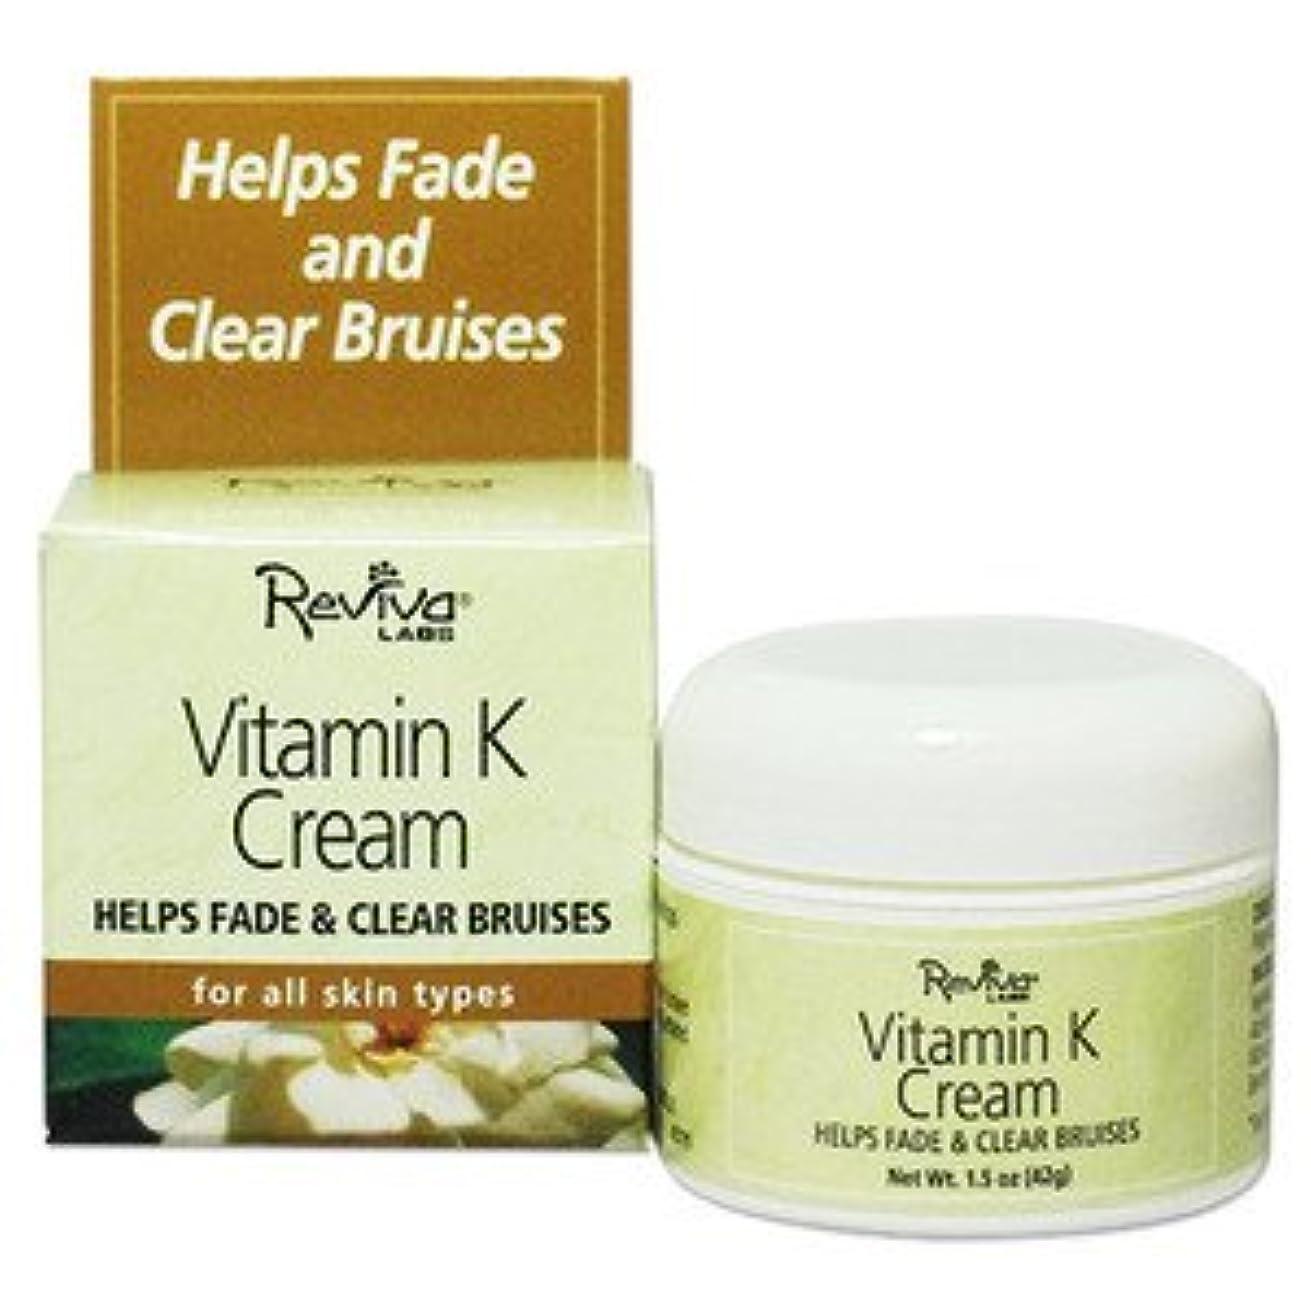 蓄積するクライアント絶滅したReviva Labs レビバ社 Vitamin K Cream  (42 g)  ビタミンK クリーム 海外直送品